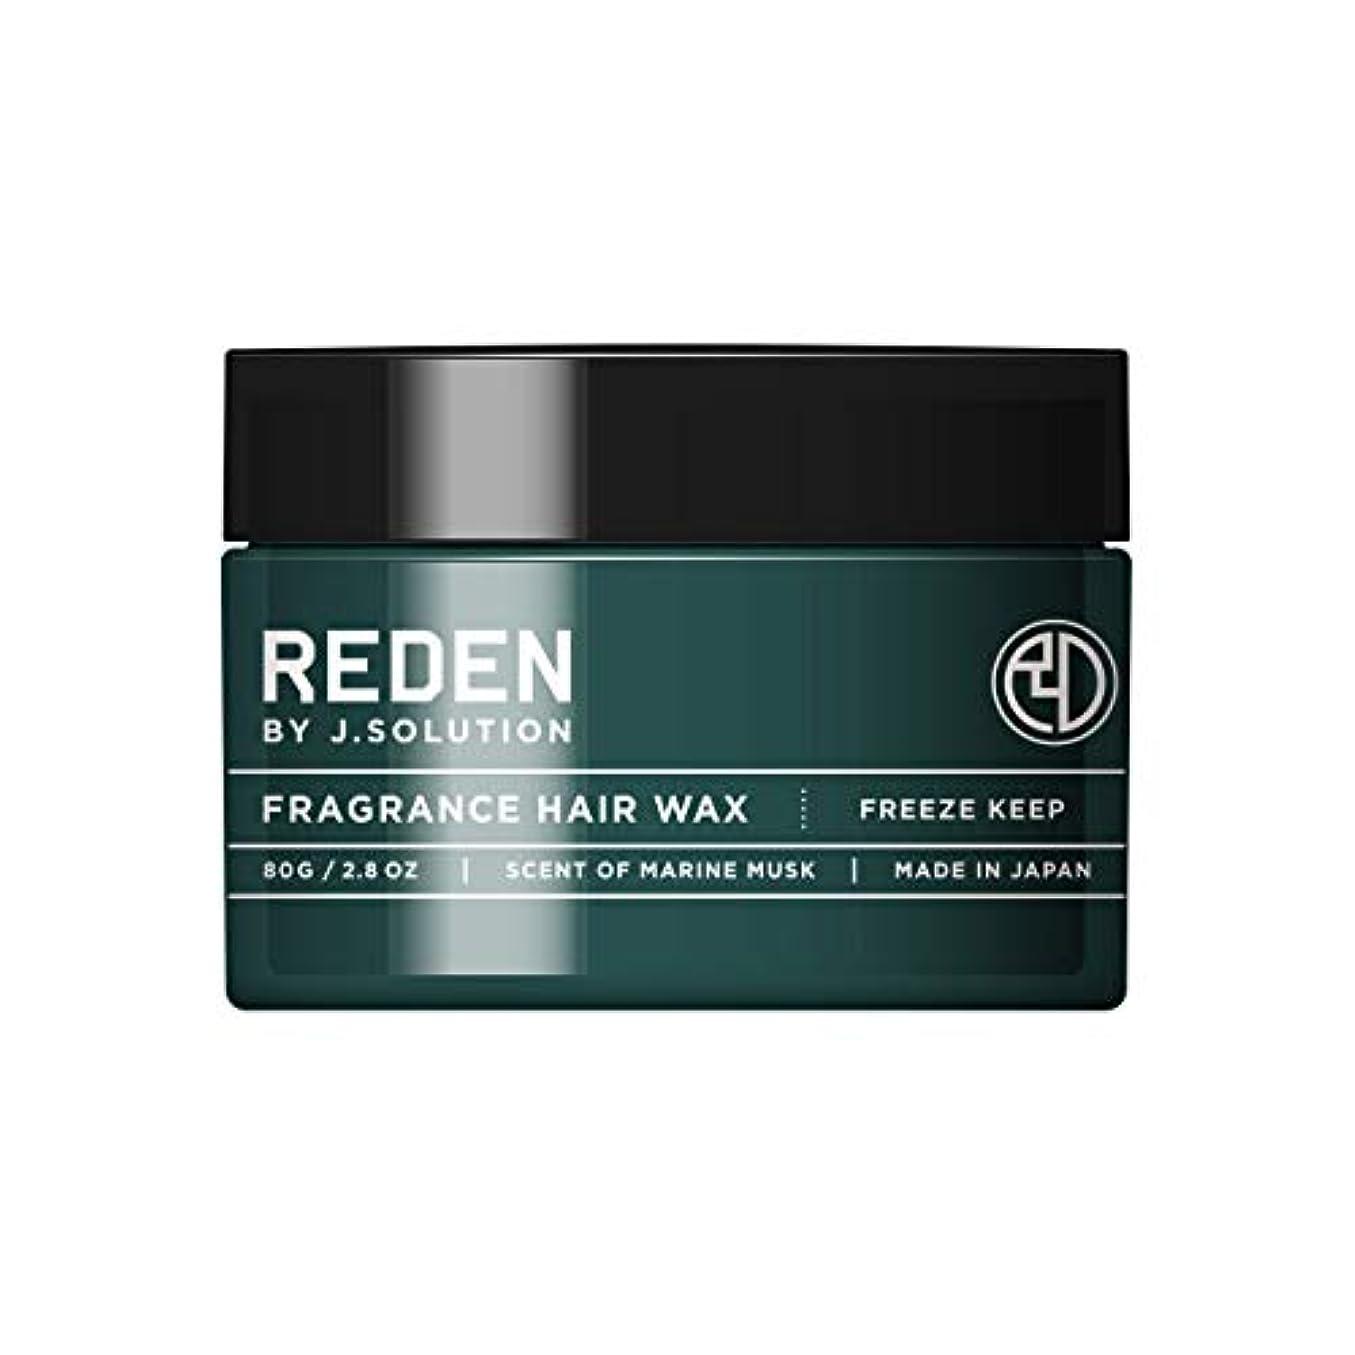 アクチュエータ運ぶ宿命REDEN(リデン) REDEN FRAGRANCE HAIR WAX FREEZE KEEP(リデン フレグランス ヘアワックス フリーズキープ)80ml マリンムスク